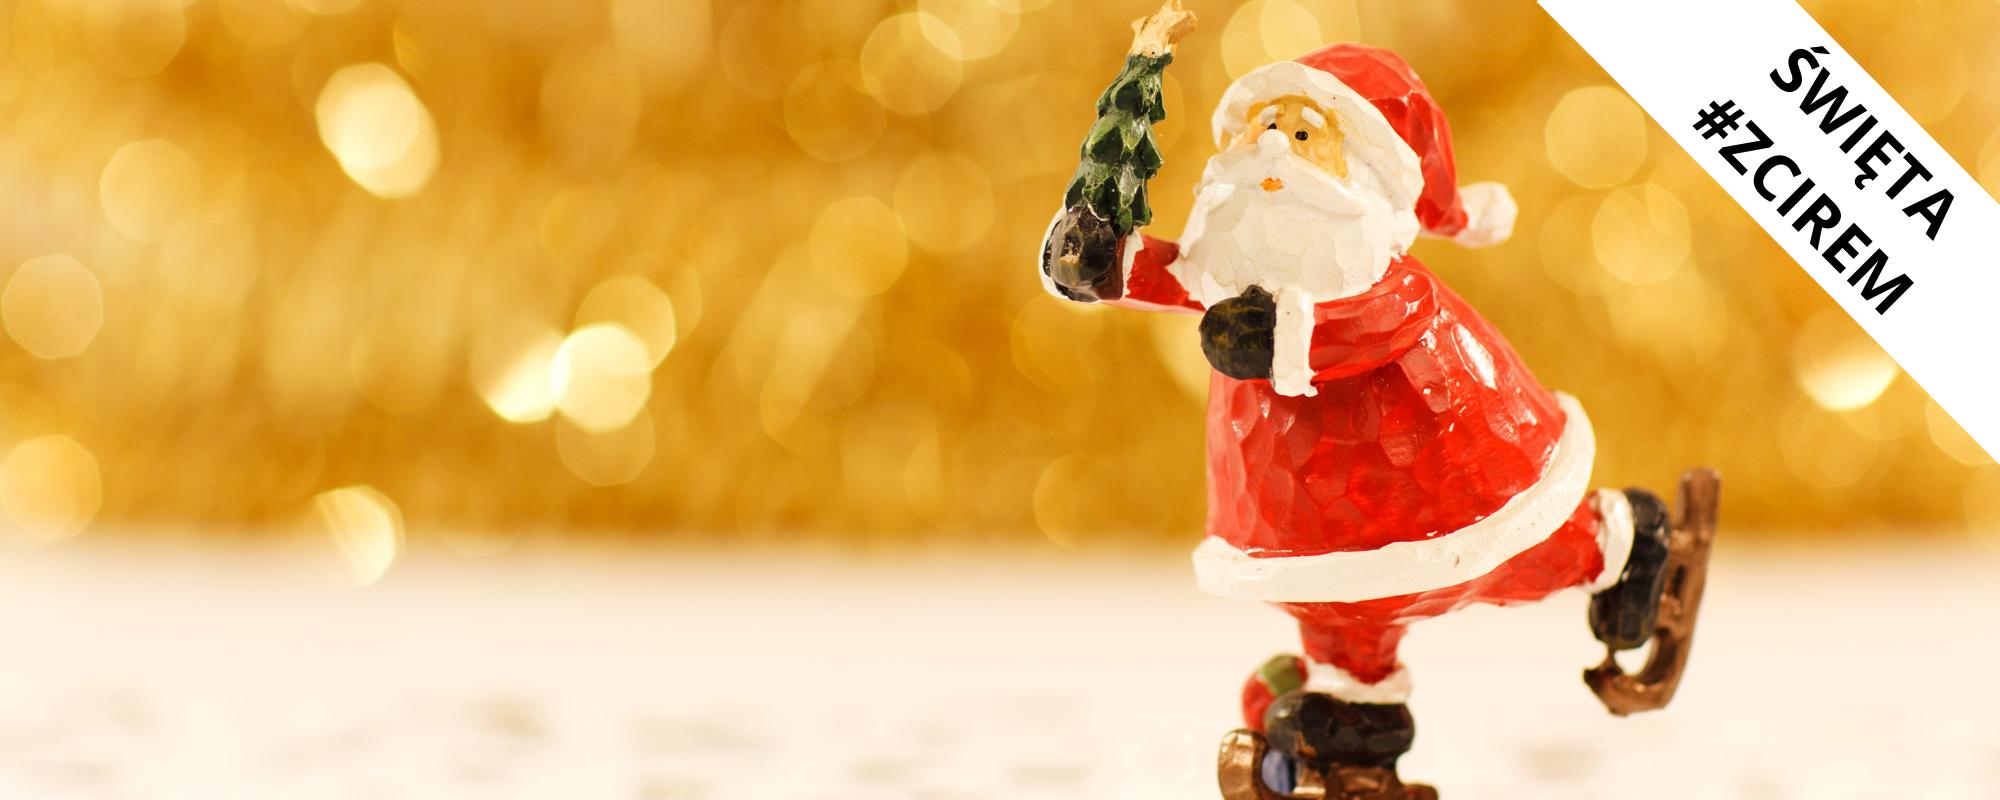 Grafika przedstawia figurkę Świętego Mikołaja na łyżwach